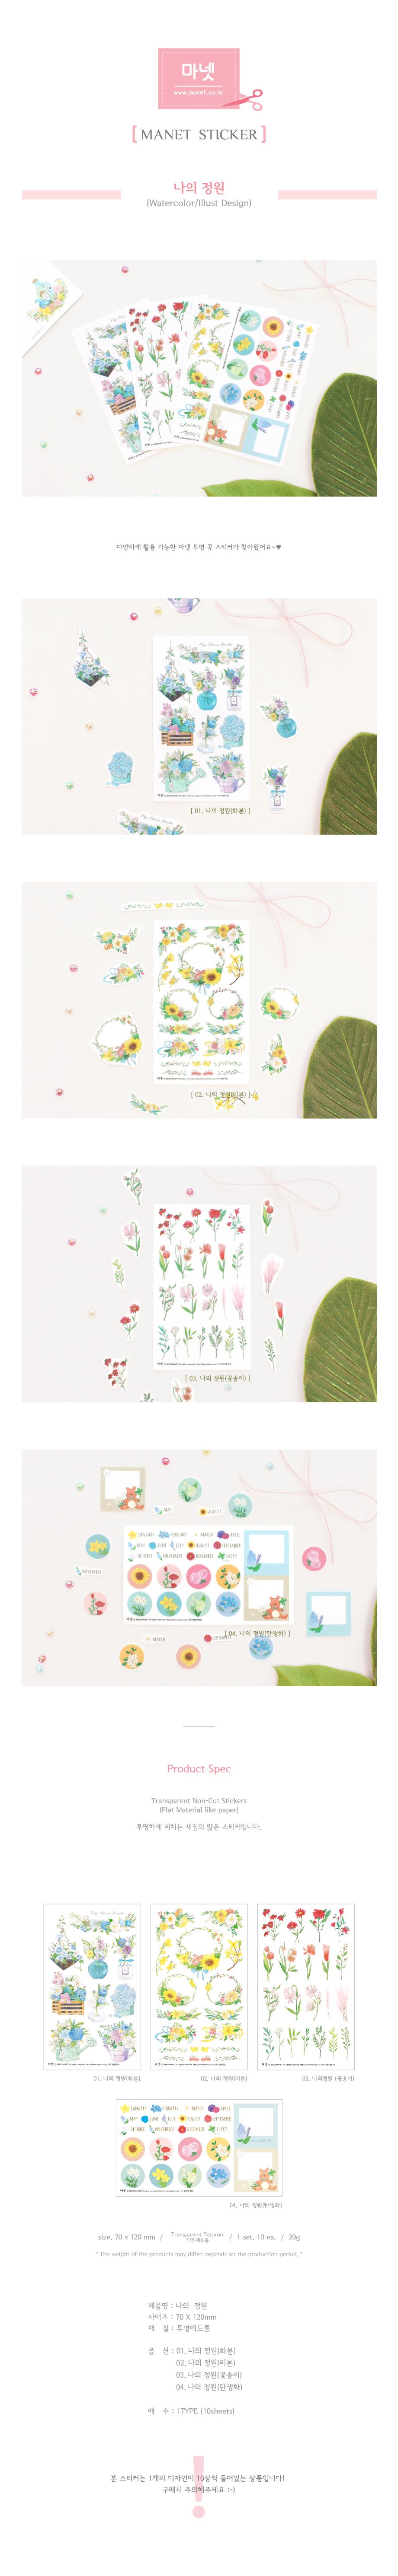 마넷 스티커 - 마넷 사각 투명 스티커 - 나의 정원 - 마넷, 2,300원, 스티커, 디자인스티커